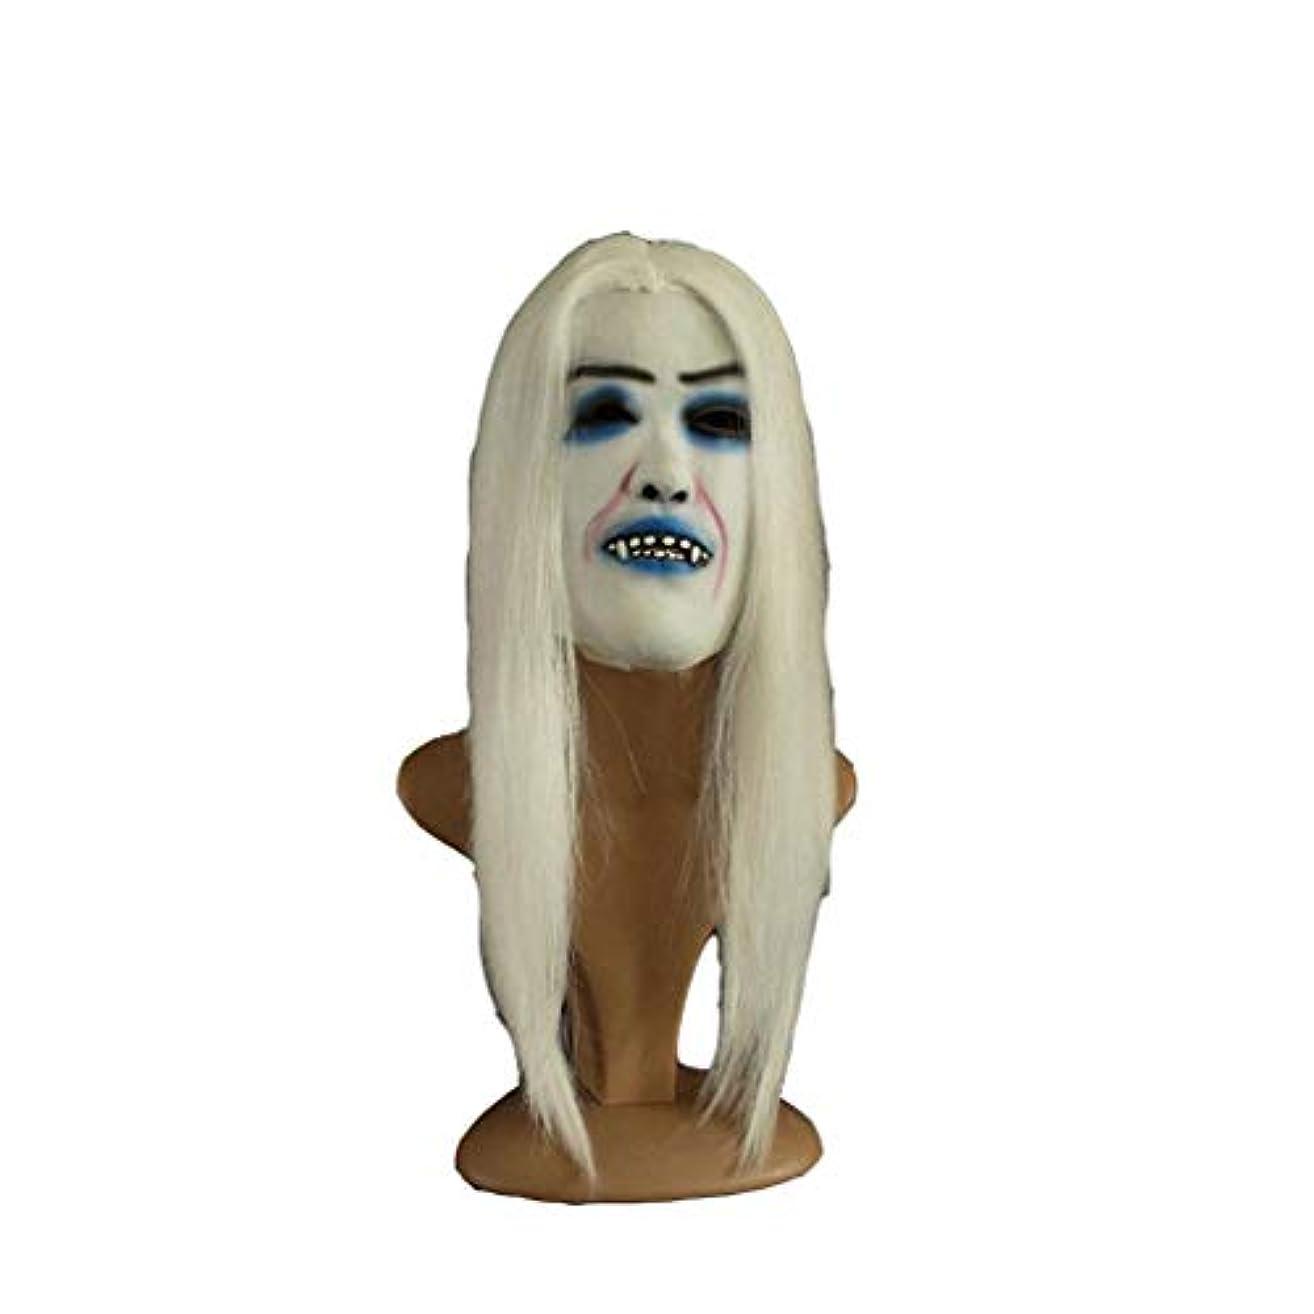 盆インシュレータ工夫するハロウィンホラーマスク、白の顔をしかめたかつらコスプレ怖い吸血鬼のかつら22 * 21 cm髪の長さ67 cm